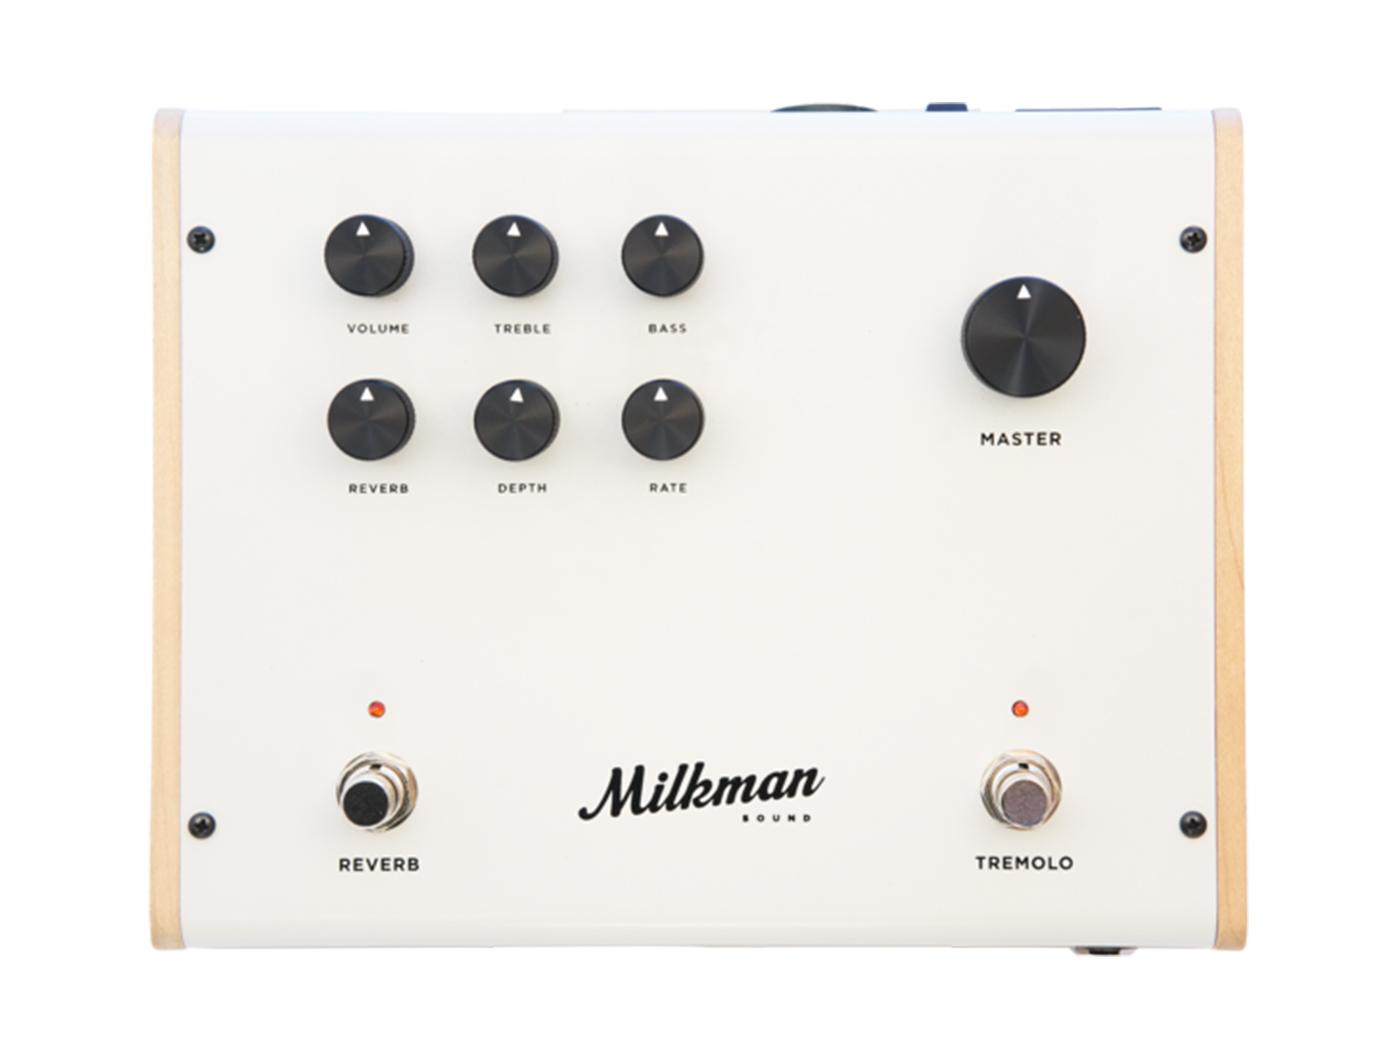 milkman the amp